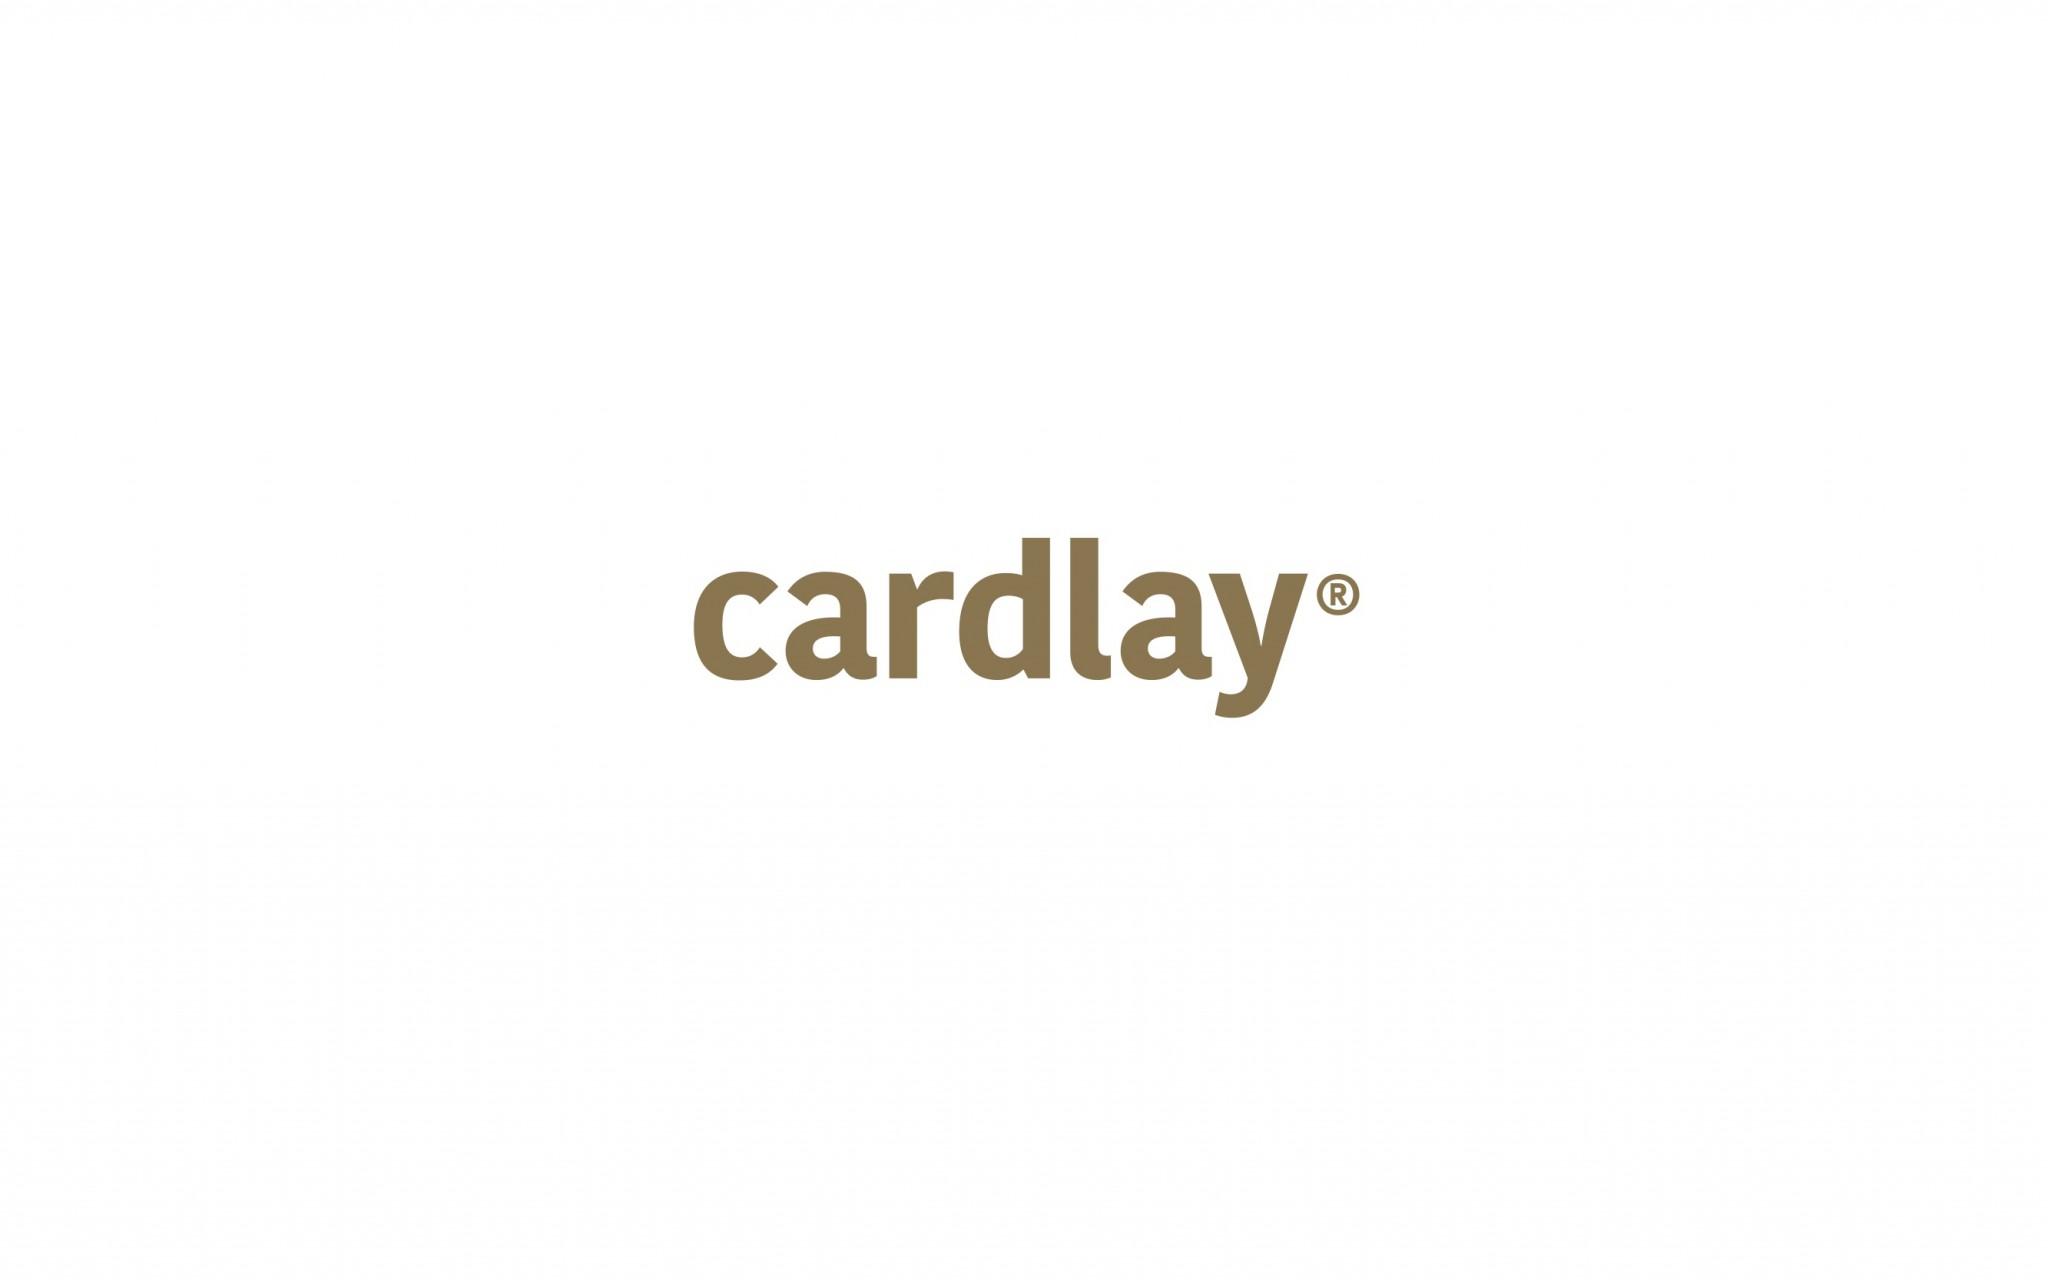 cardlay_logo_gold